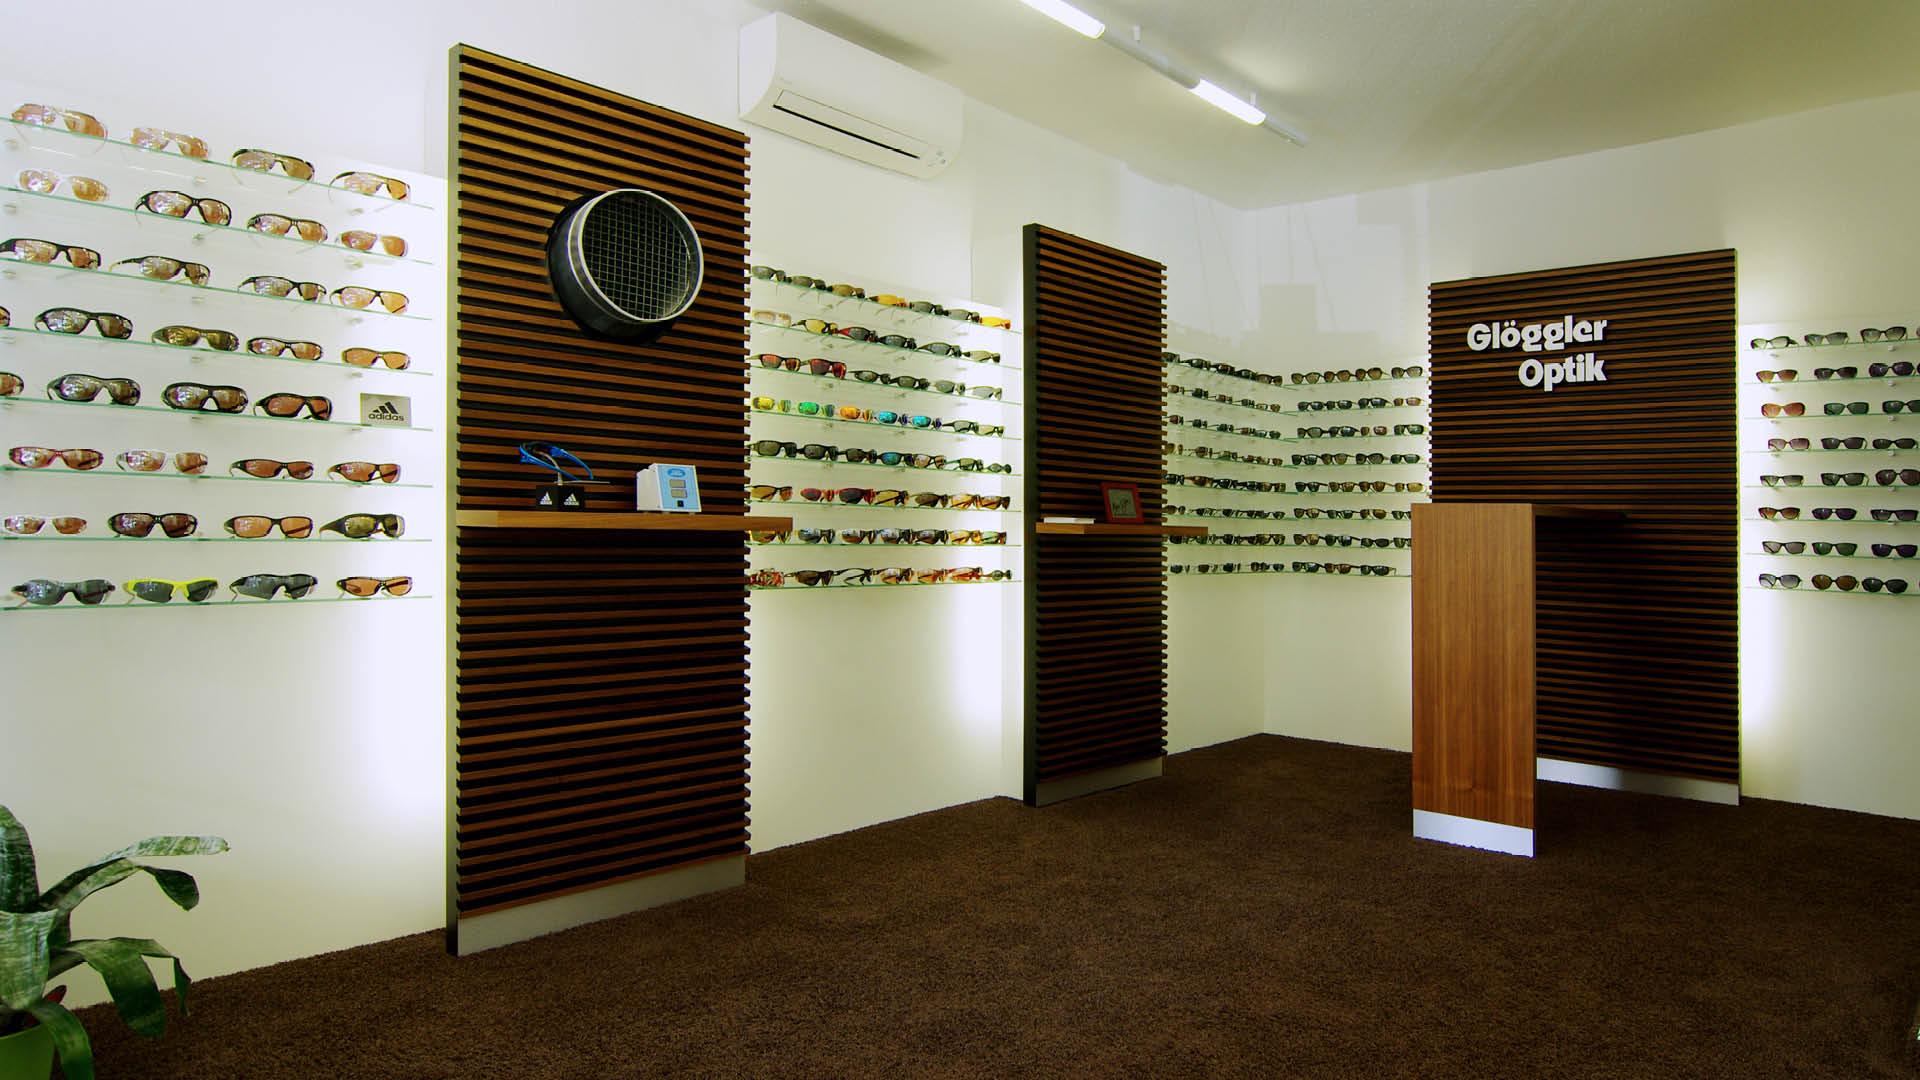 Miller-Ladenbau Optik Glöggler 04 1920x1080